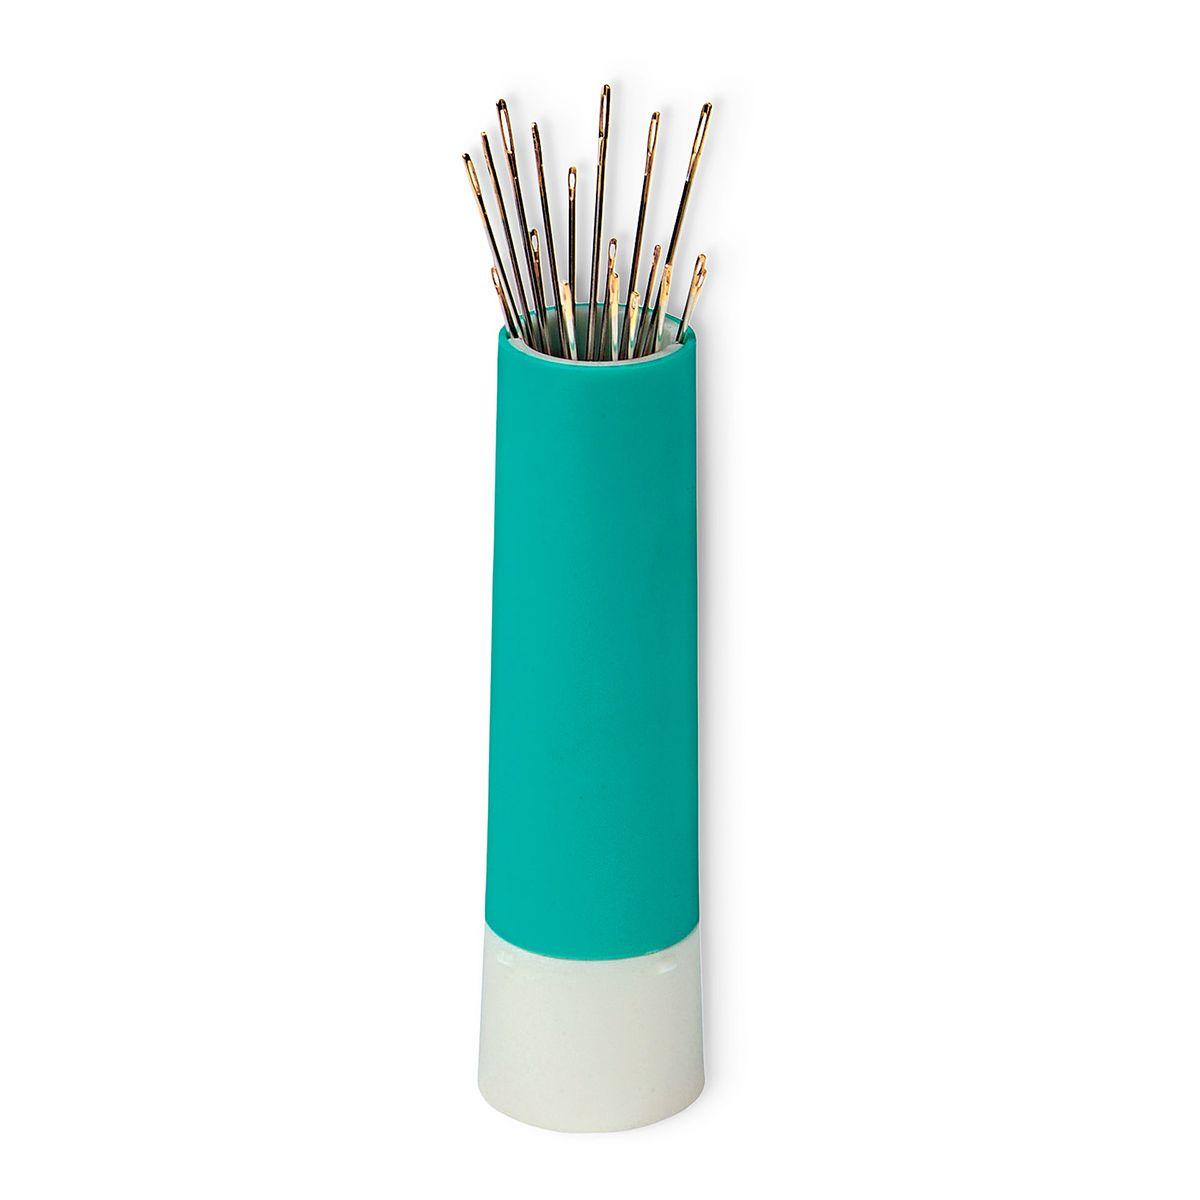 Distributeur tournant pour épingles et aiguilles - Vert menthe